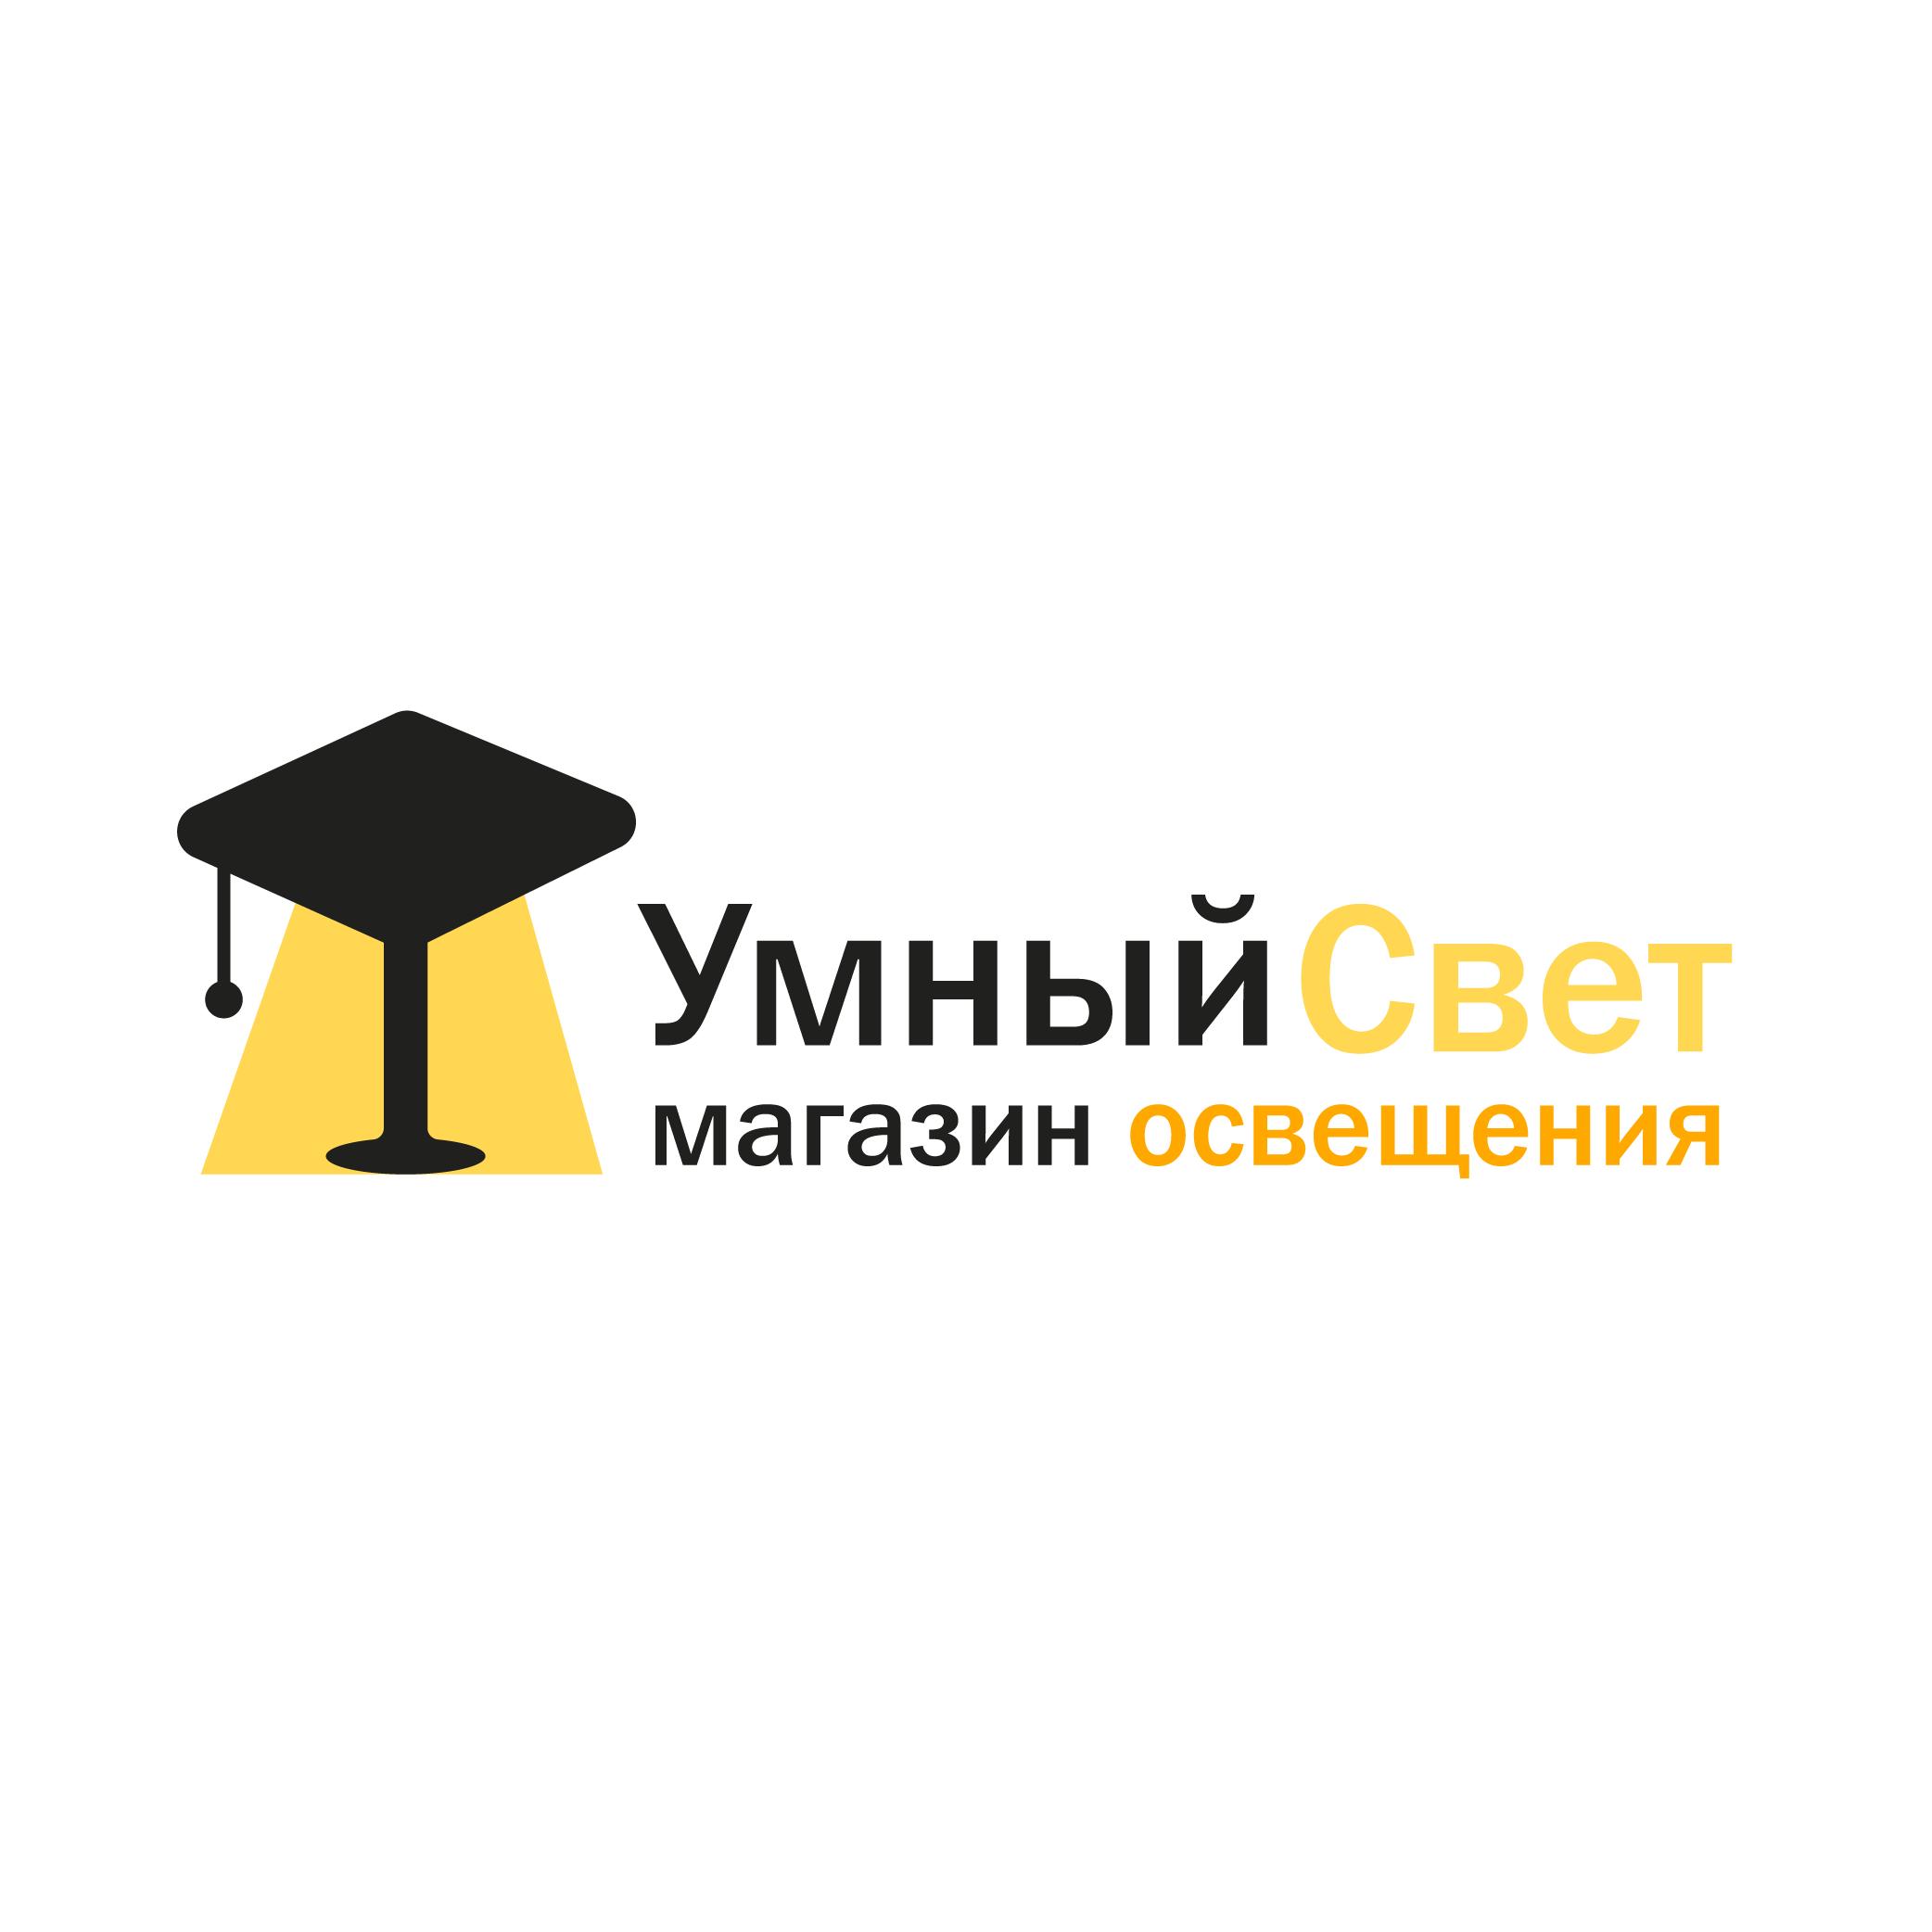 Логотип для салон-магазина освещения фото f_0645cfe678e5209e.png